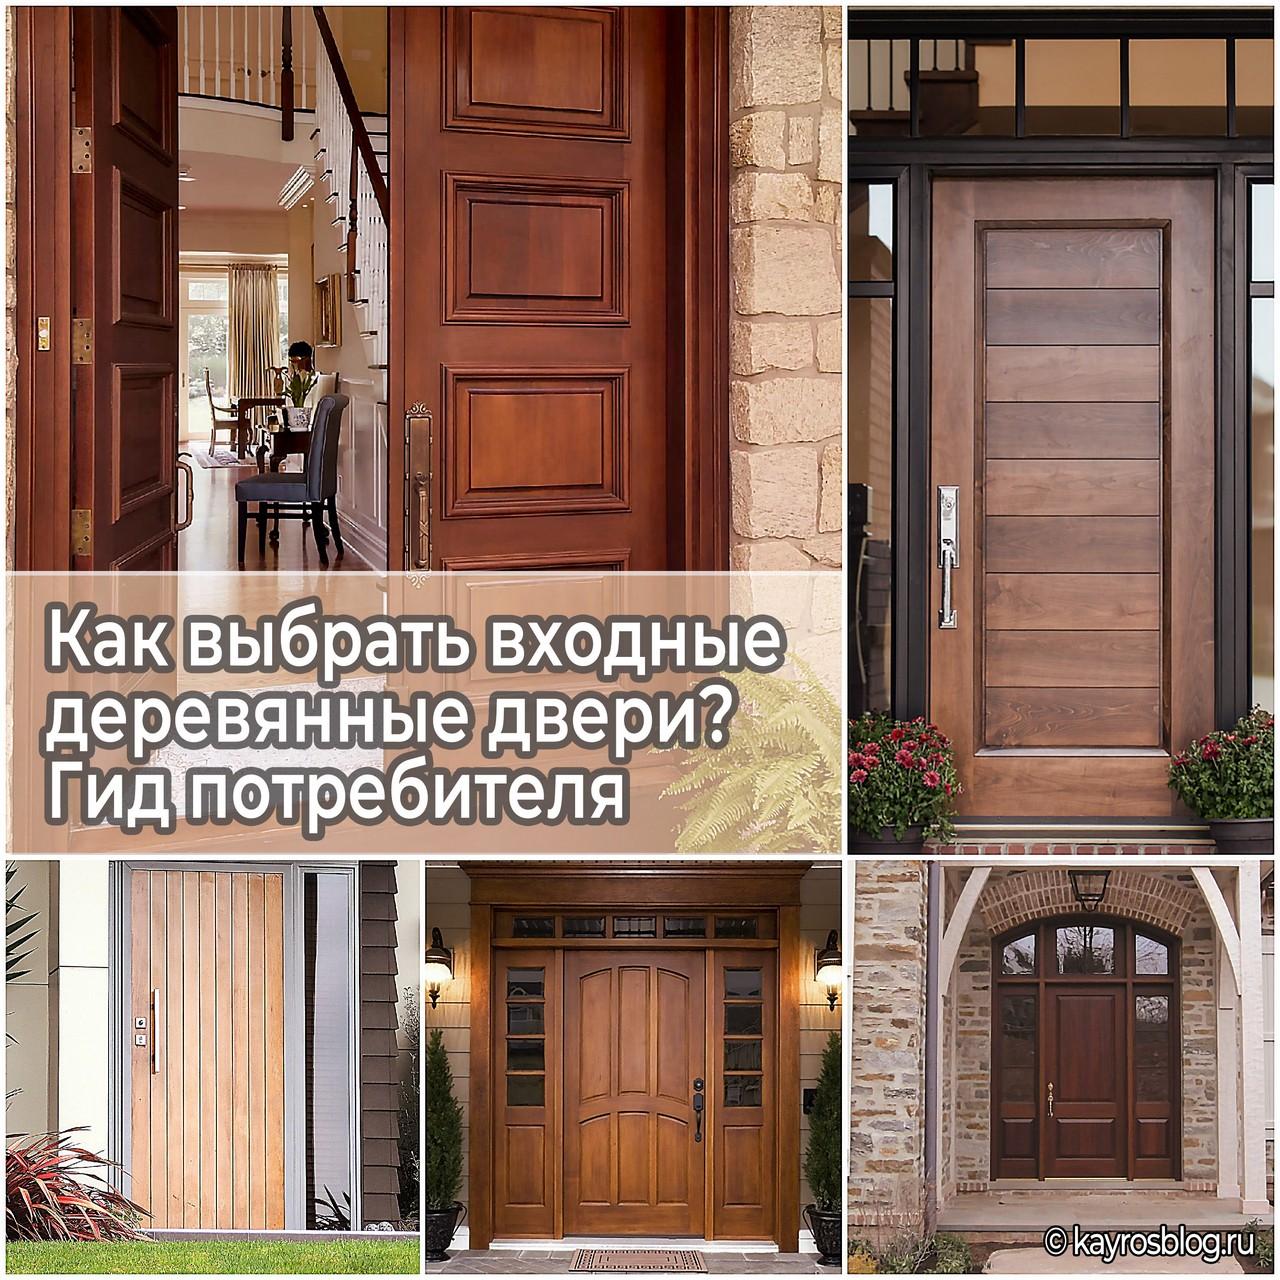 Как выбрать входные деревянные двери? Гид потребителя